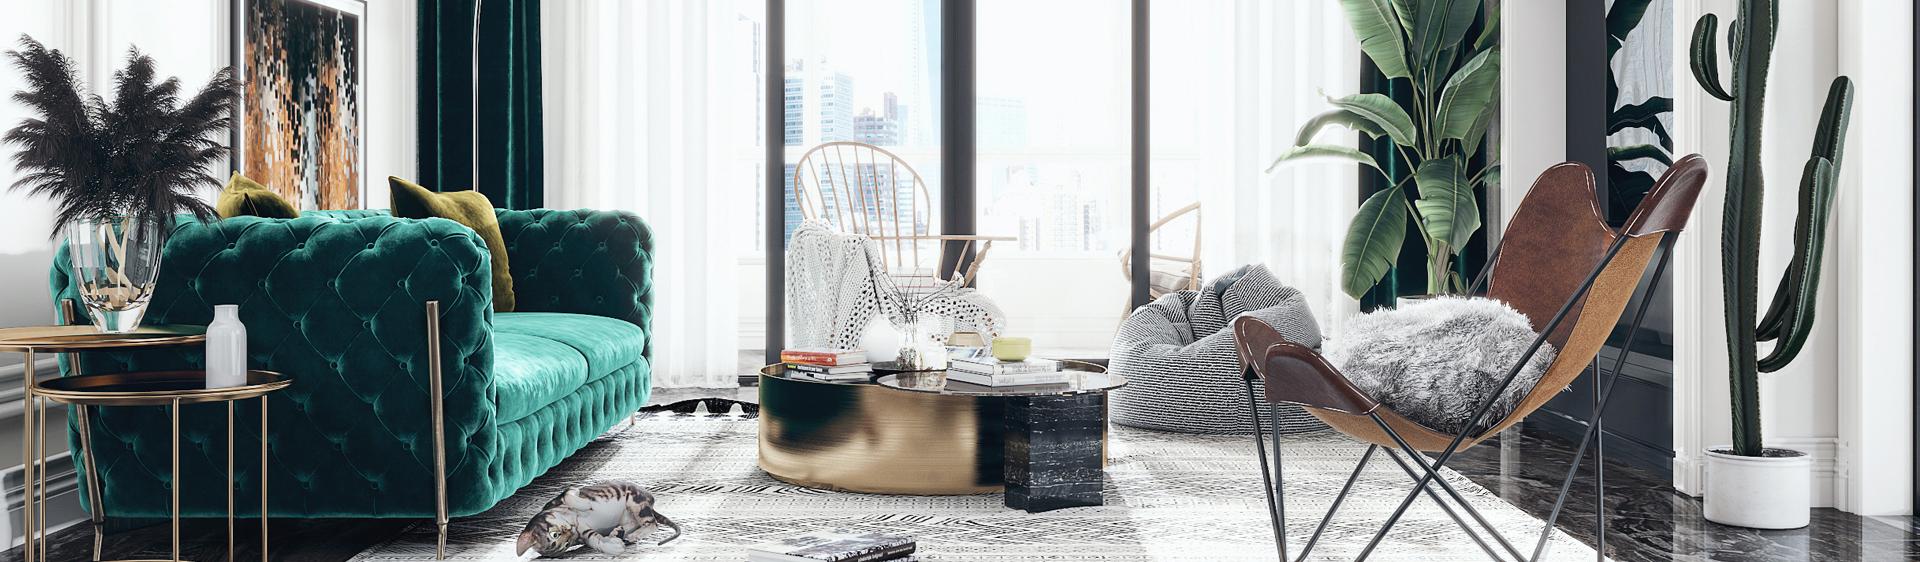 北欧客厅 现代客厅 沙发 单椅 地毯 茶几 绿植 盆栽 角几3D模型下载